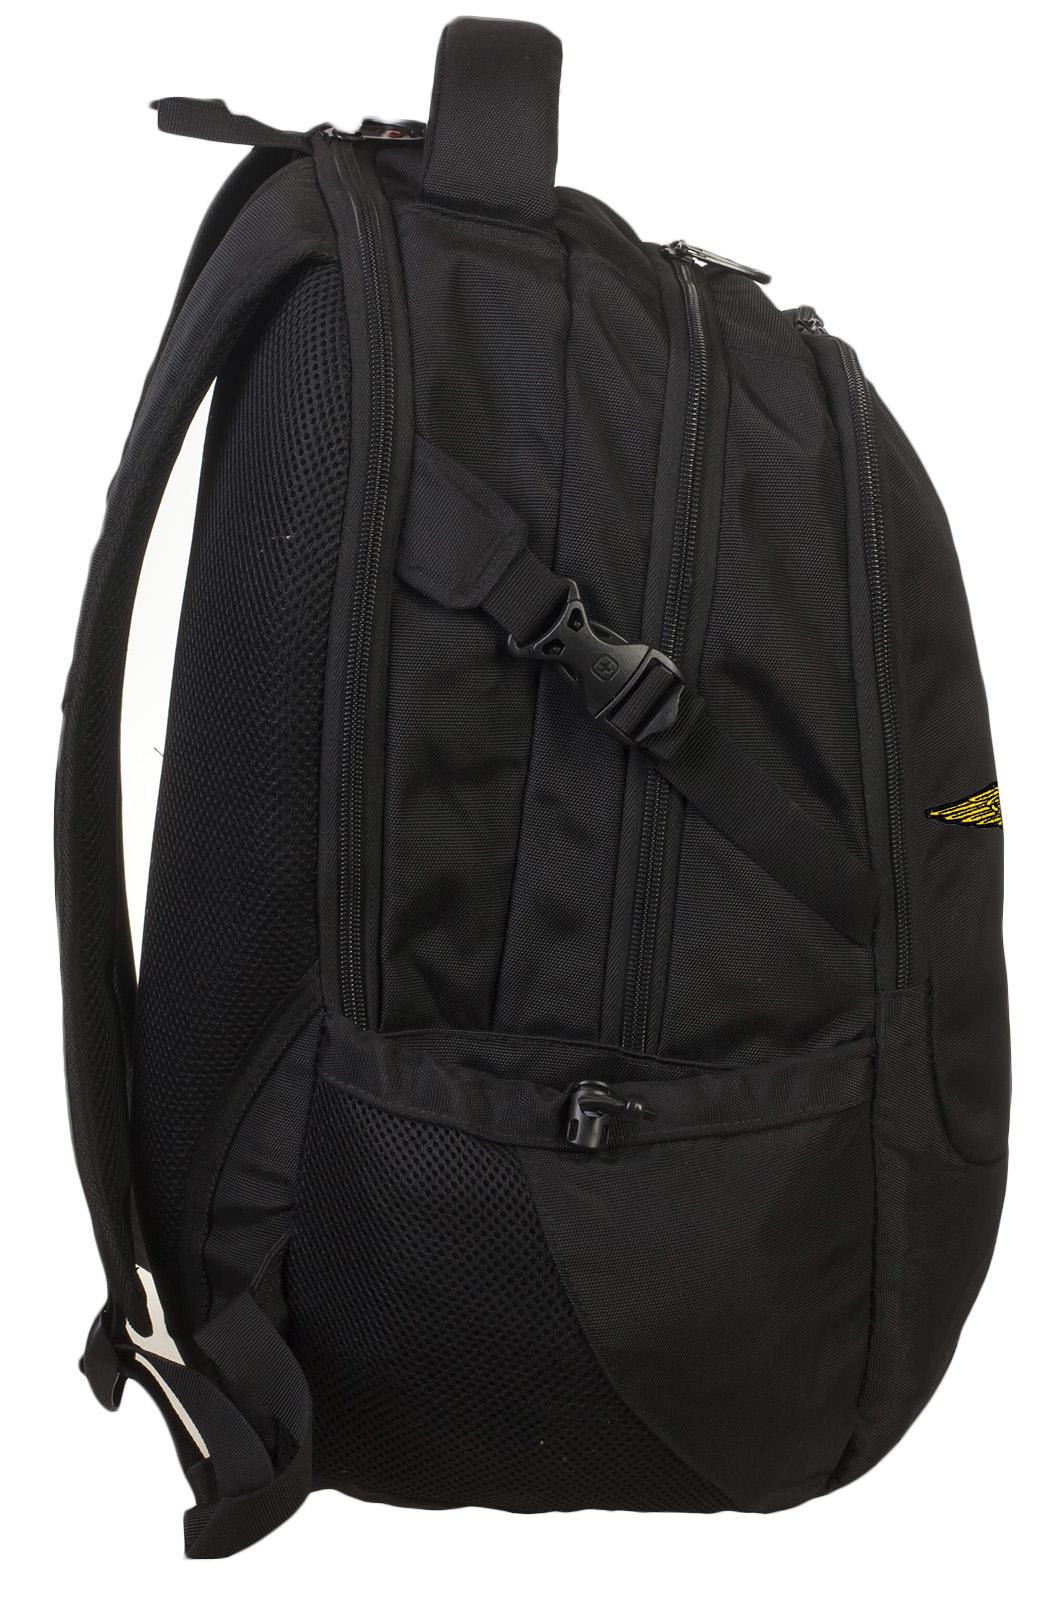 Заказать надежный городской рюкзак с эмблемой МВД